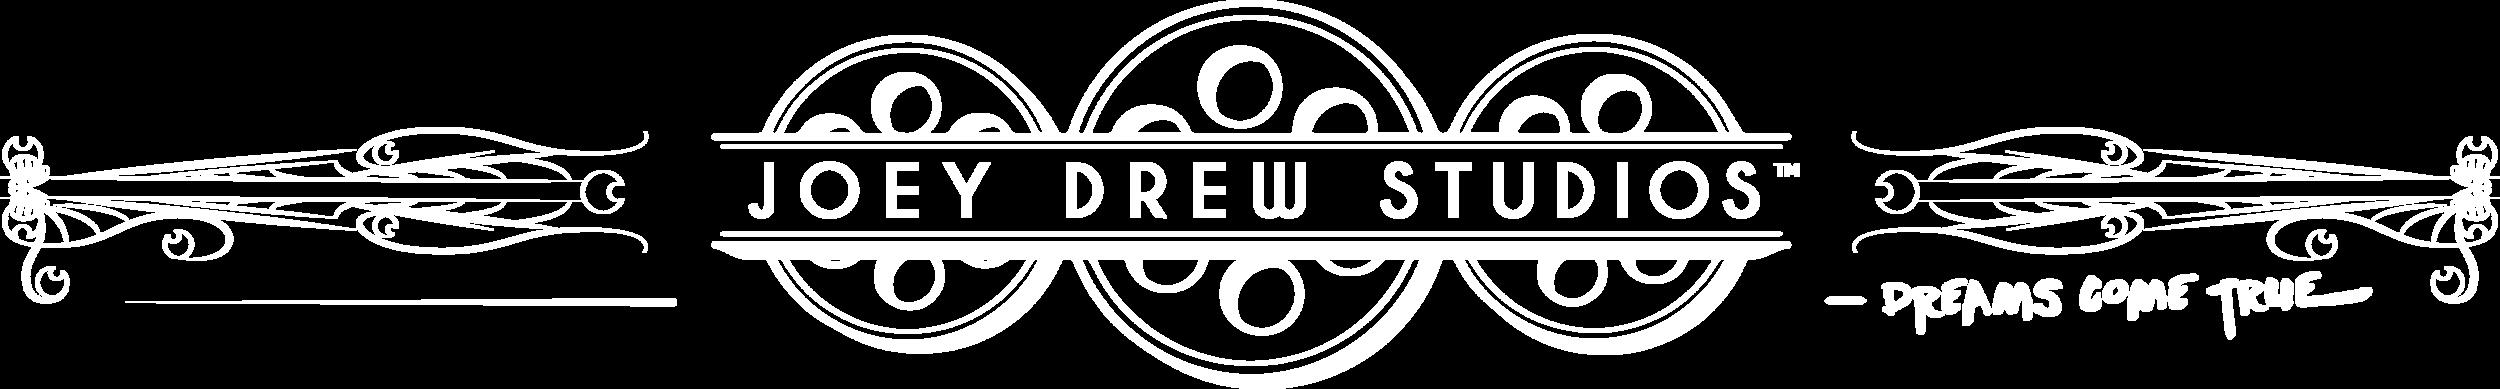 Joey Dew Studios